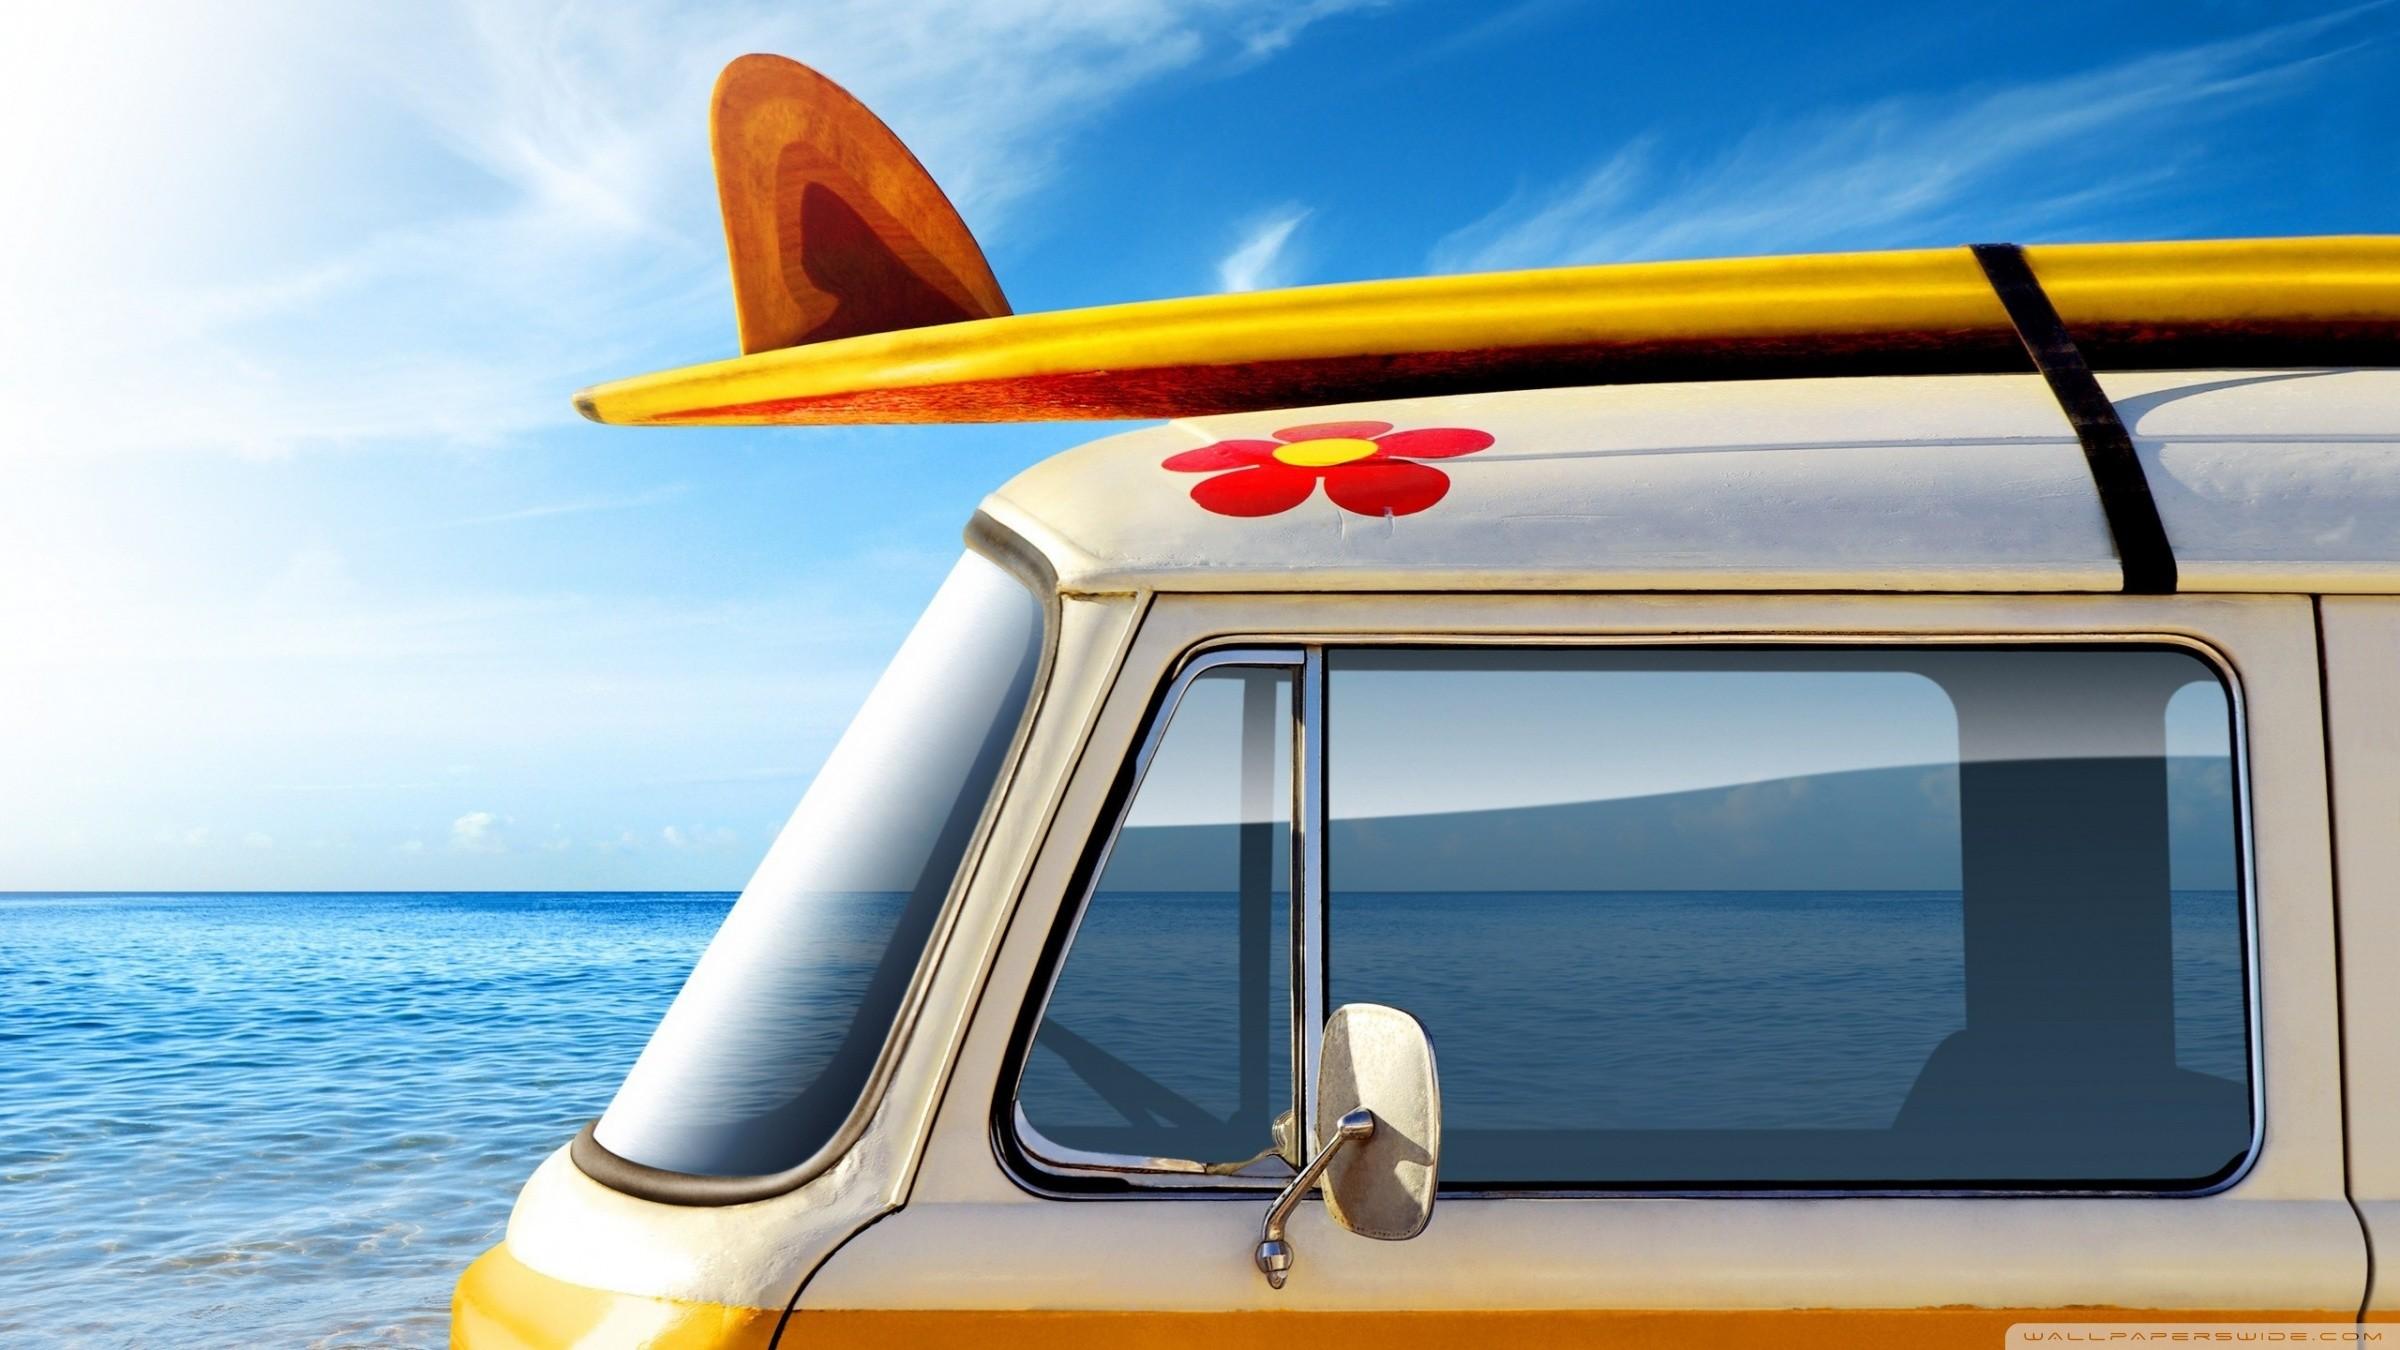 vw hippie volkswagen combi van bus art wallpaper 2400×1350